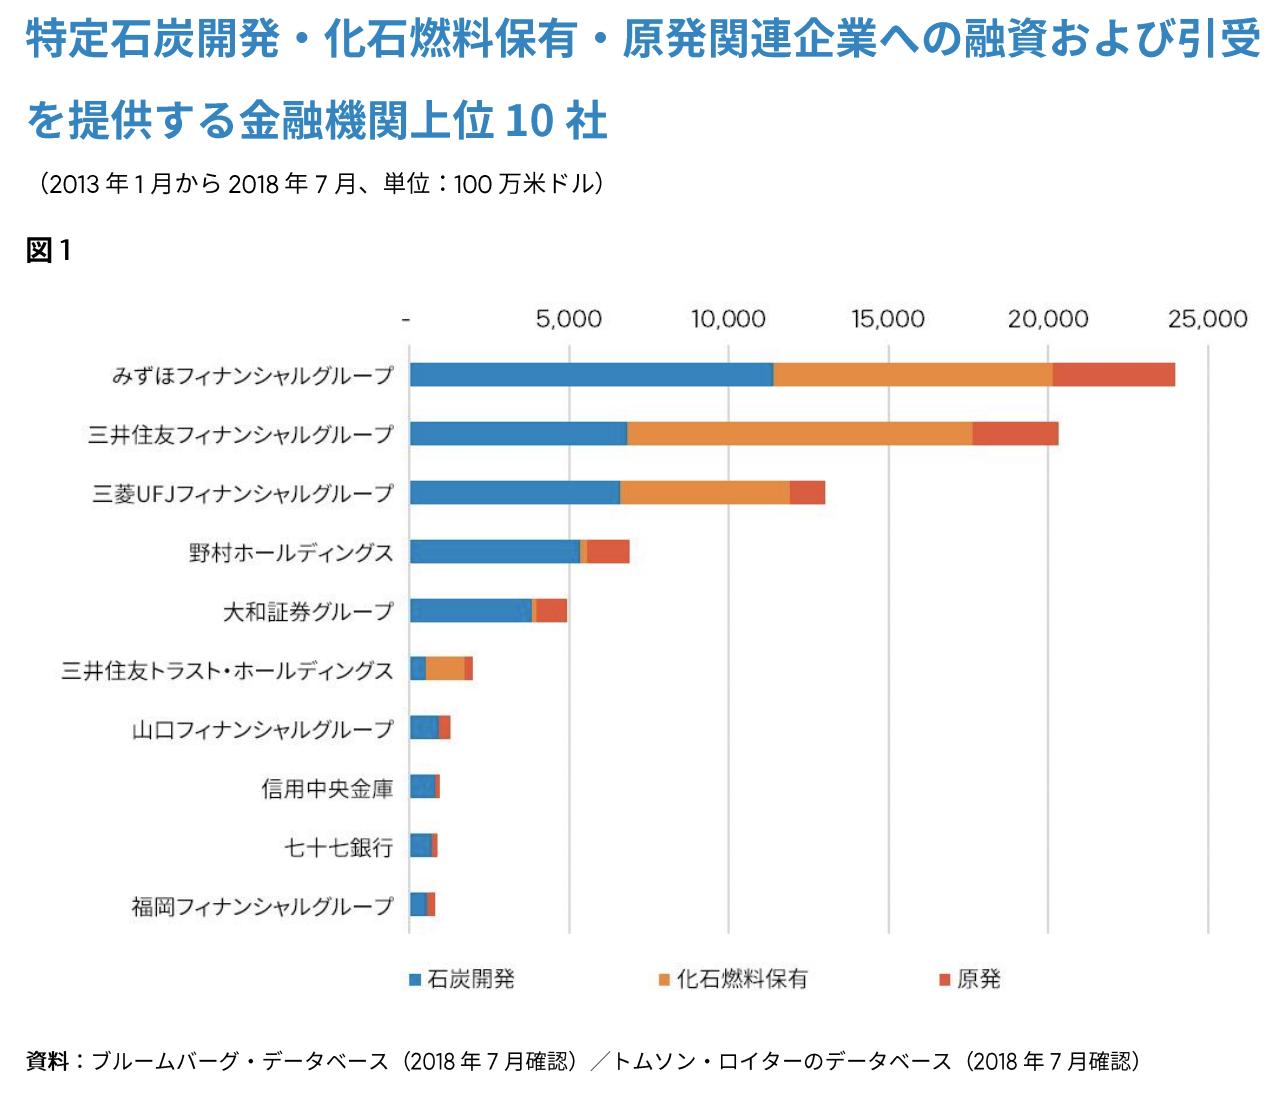 【日本】350.org、日本の金融機関151社の化石燃料・原発ファイナンス分析。メガバンク3行多い 2